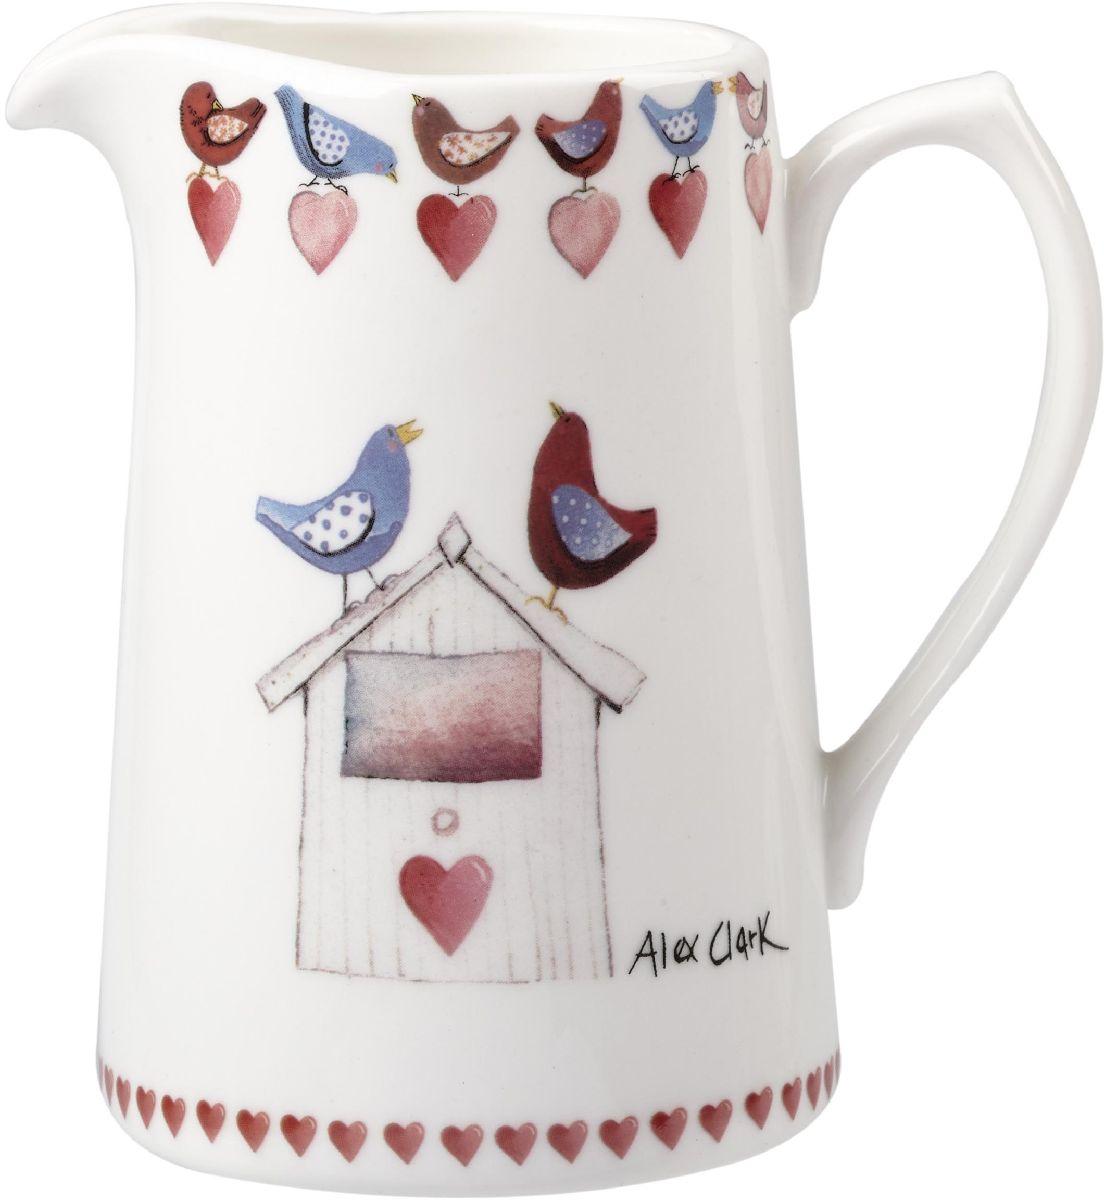 Кувшин Churchill, 250 млACMY00111Коллекция Птички - уникальное сочетание живой природы и прекрасные воспоминания из детства. Легкий и простой дизайн с пастельными красками идеально подойдет для любой кухни.